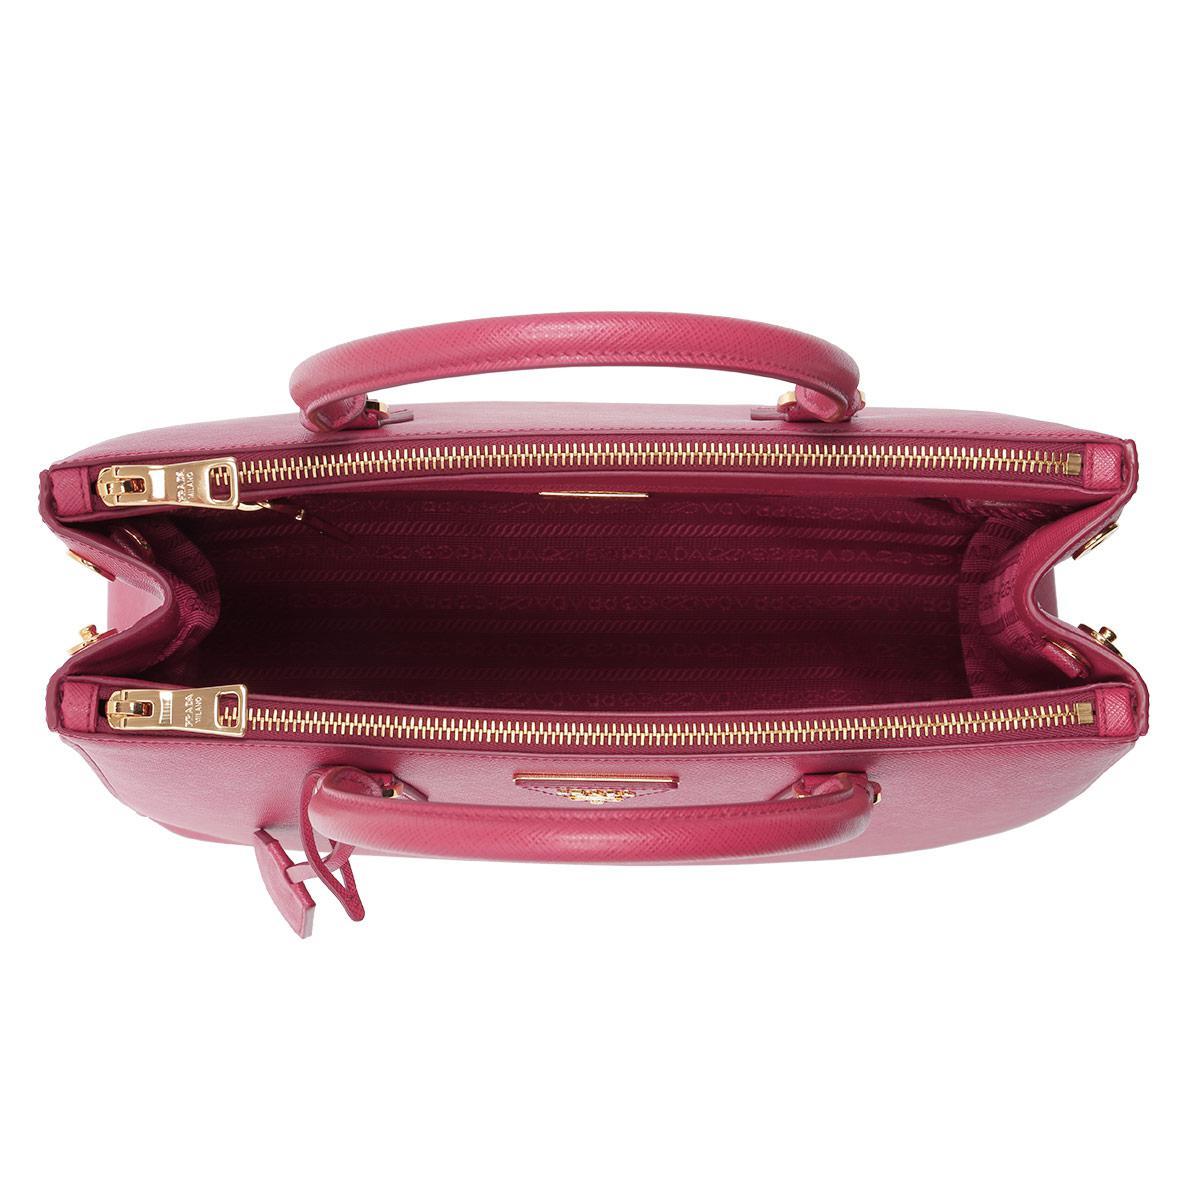 4c1e0f1fff Pink In Prada Borsa Mano Lyst A Lux Peonia Saffiano g1f0qwZnfO